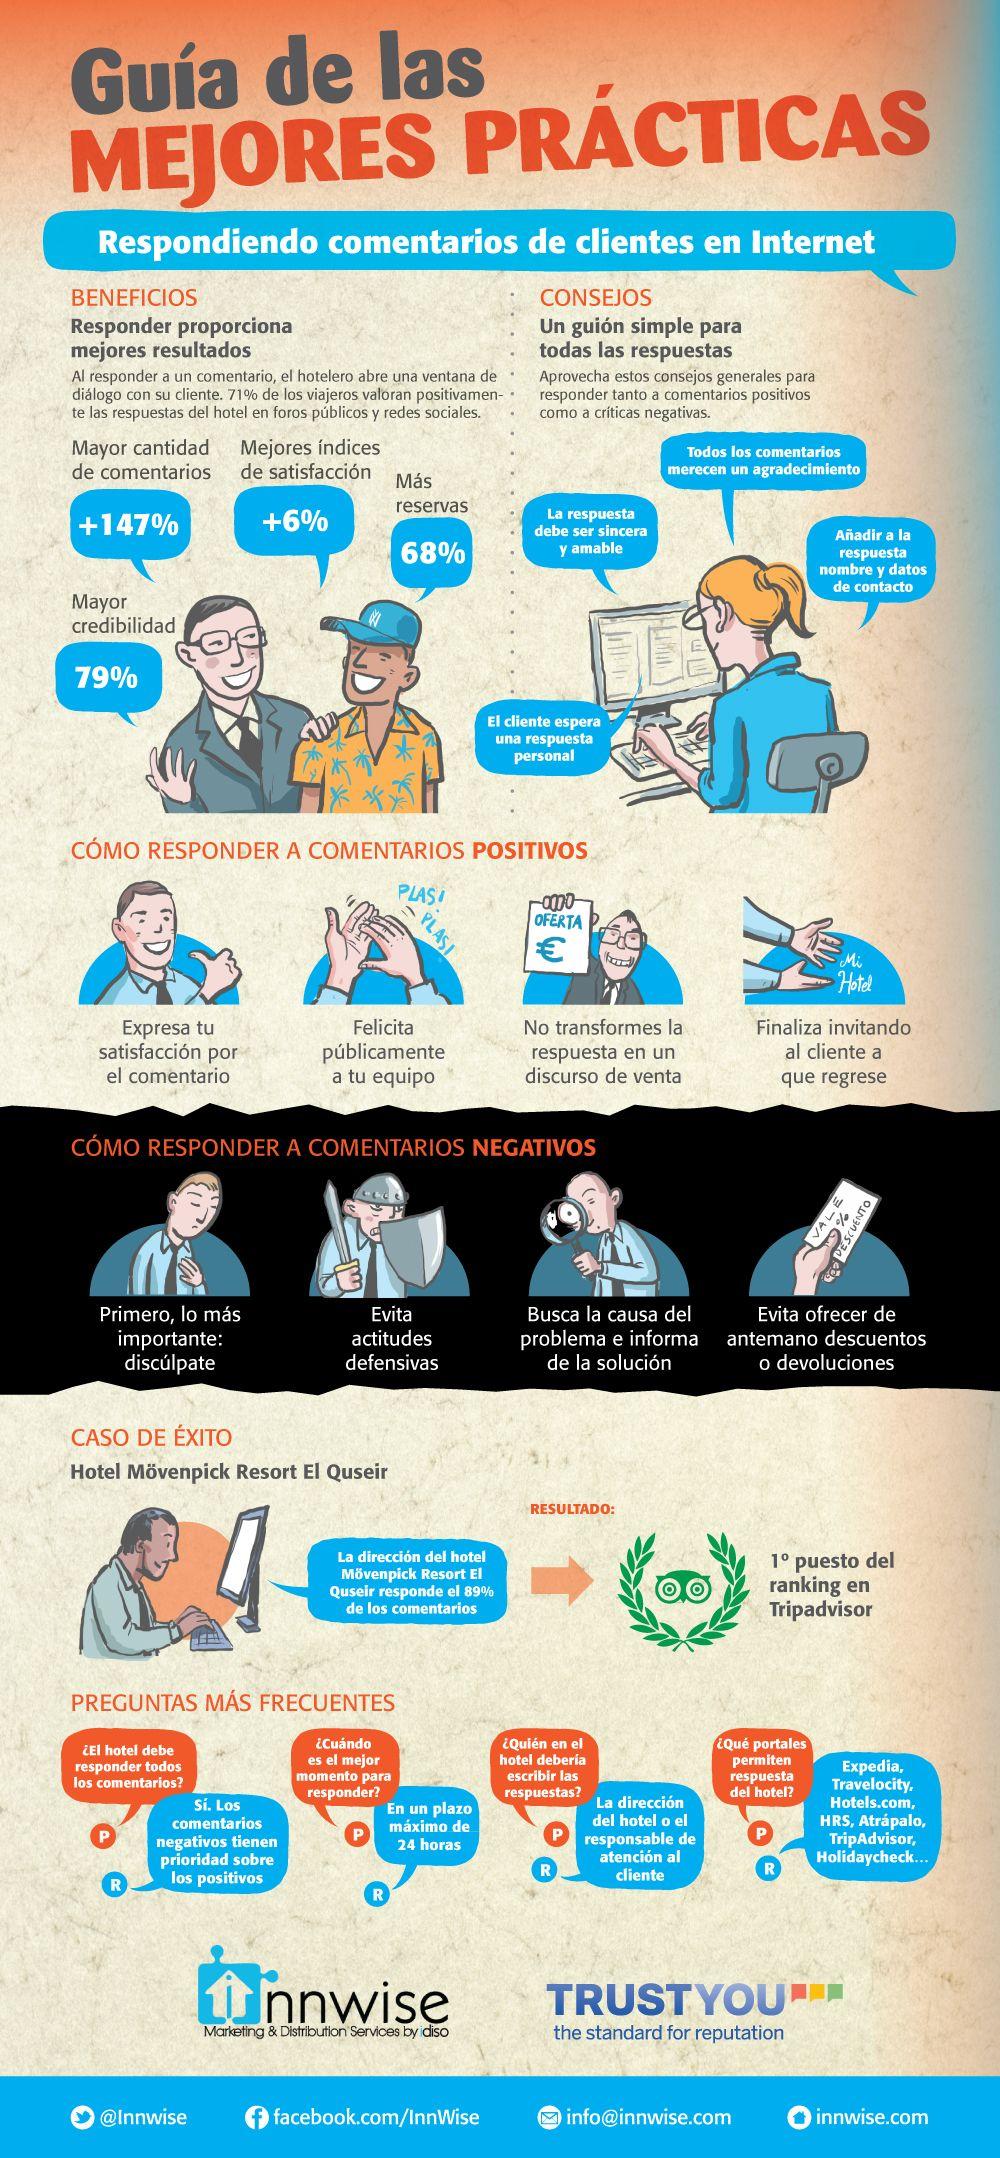 """[infografia] """"Guia de las mejores practicas respondiendo comentarios de clientes en internet"""" Dic-2012 por Innwise.com -  Hotel Reputación online"""